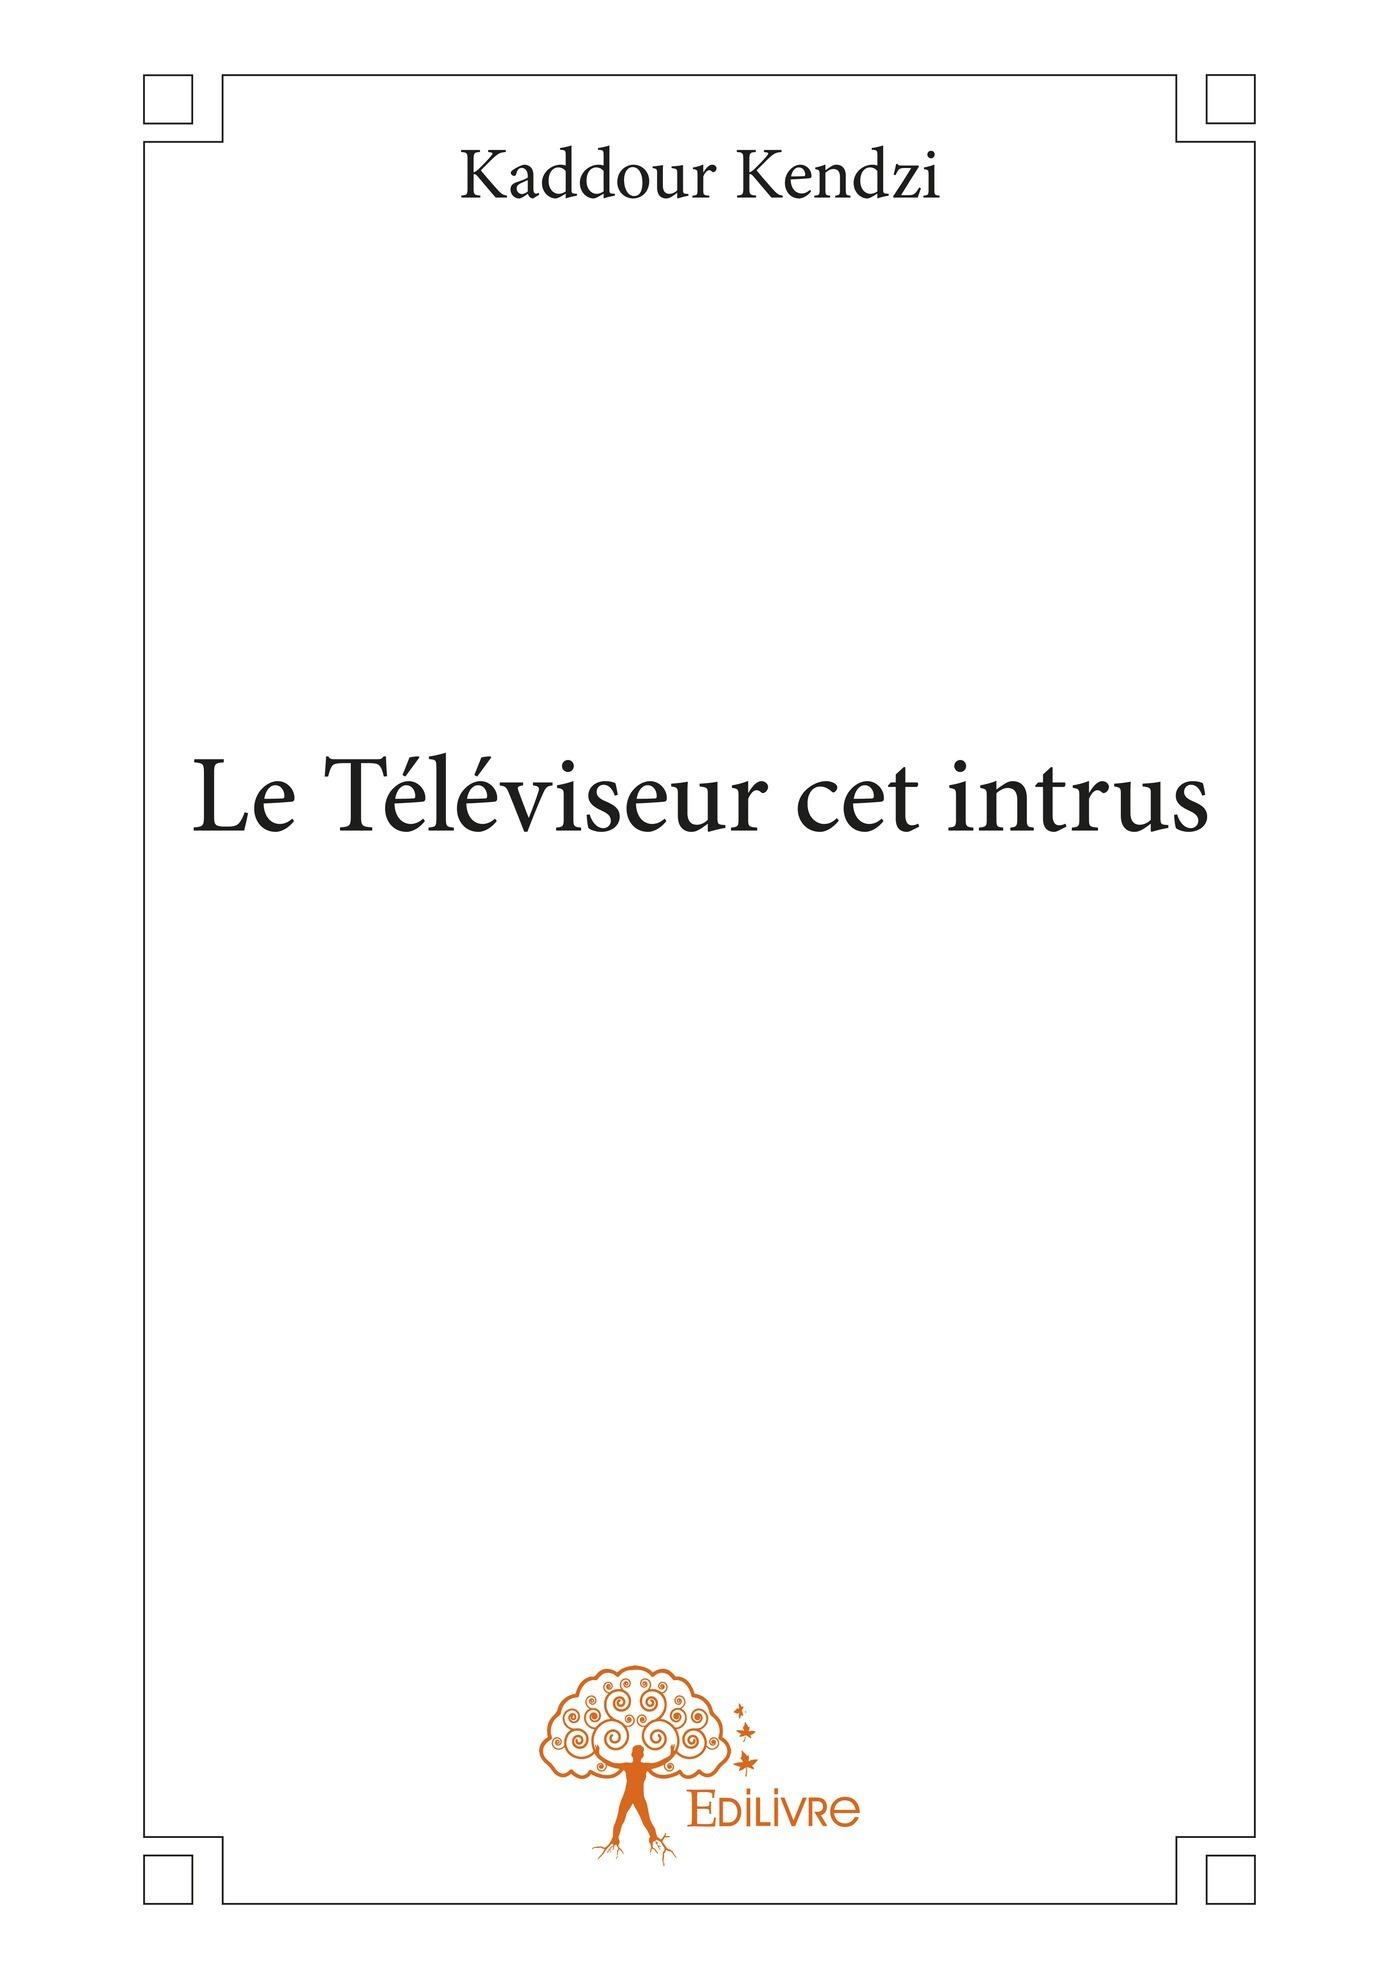 le téléviseur cet intrus